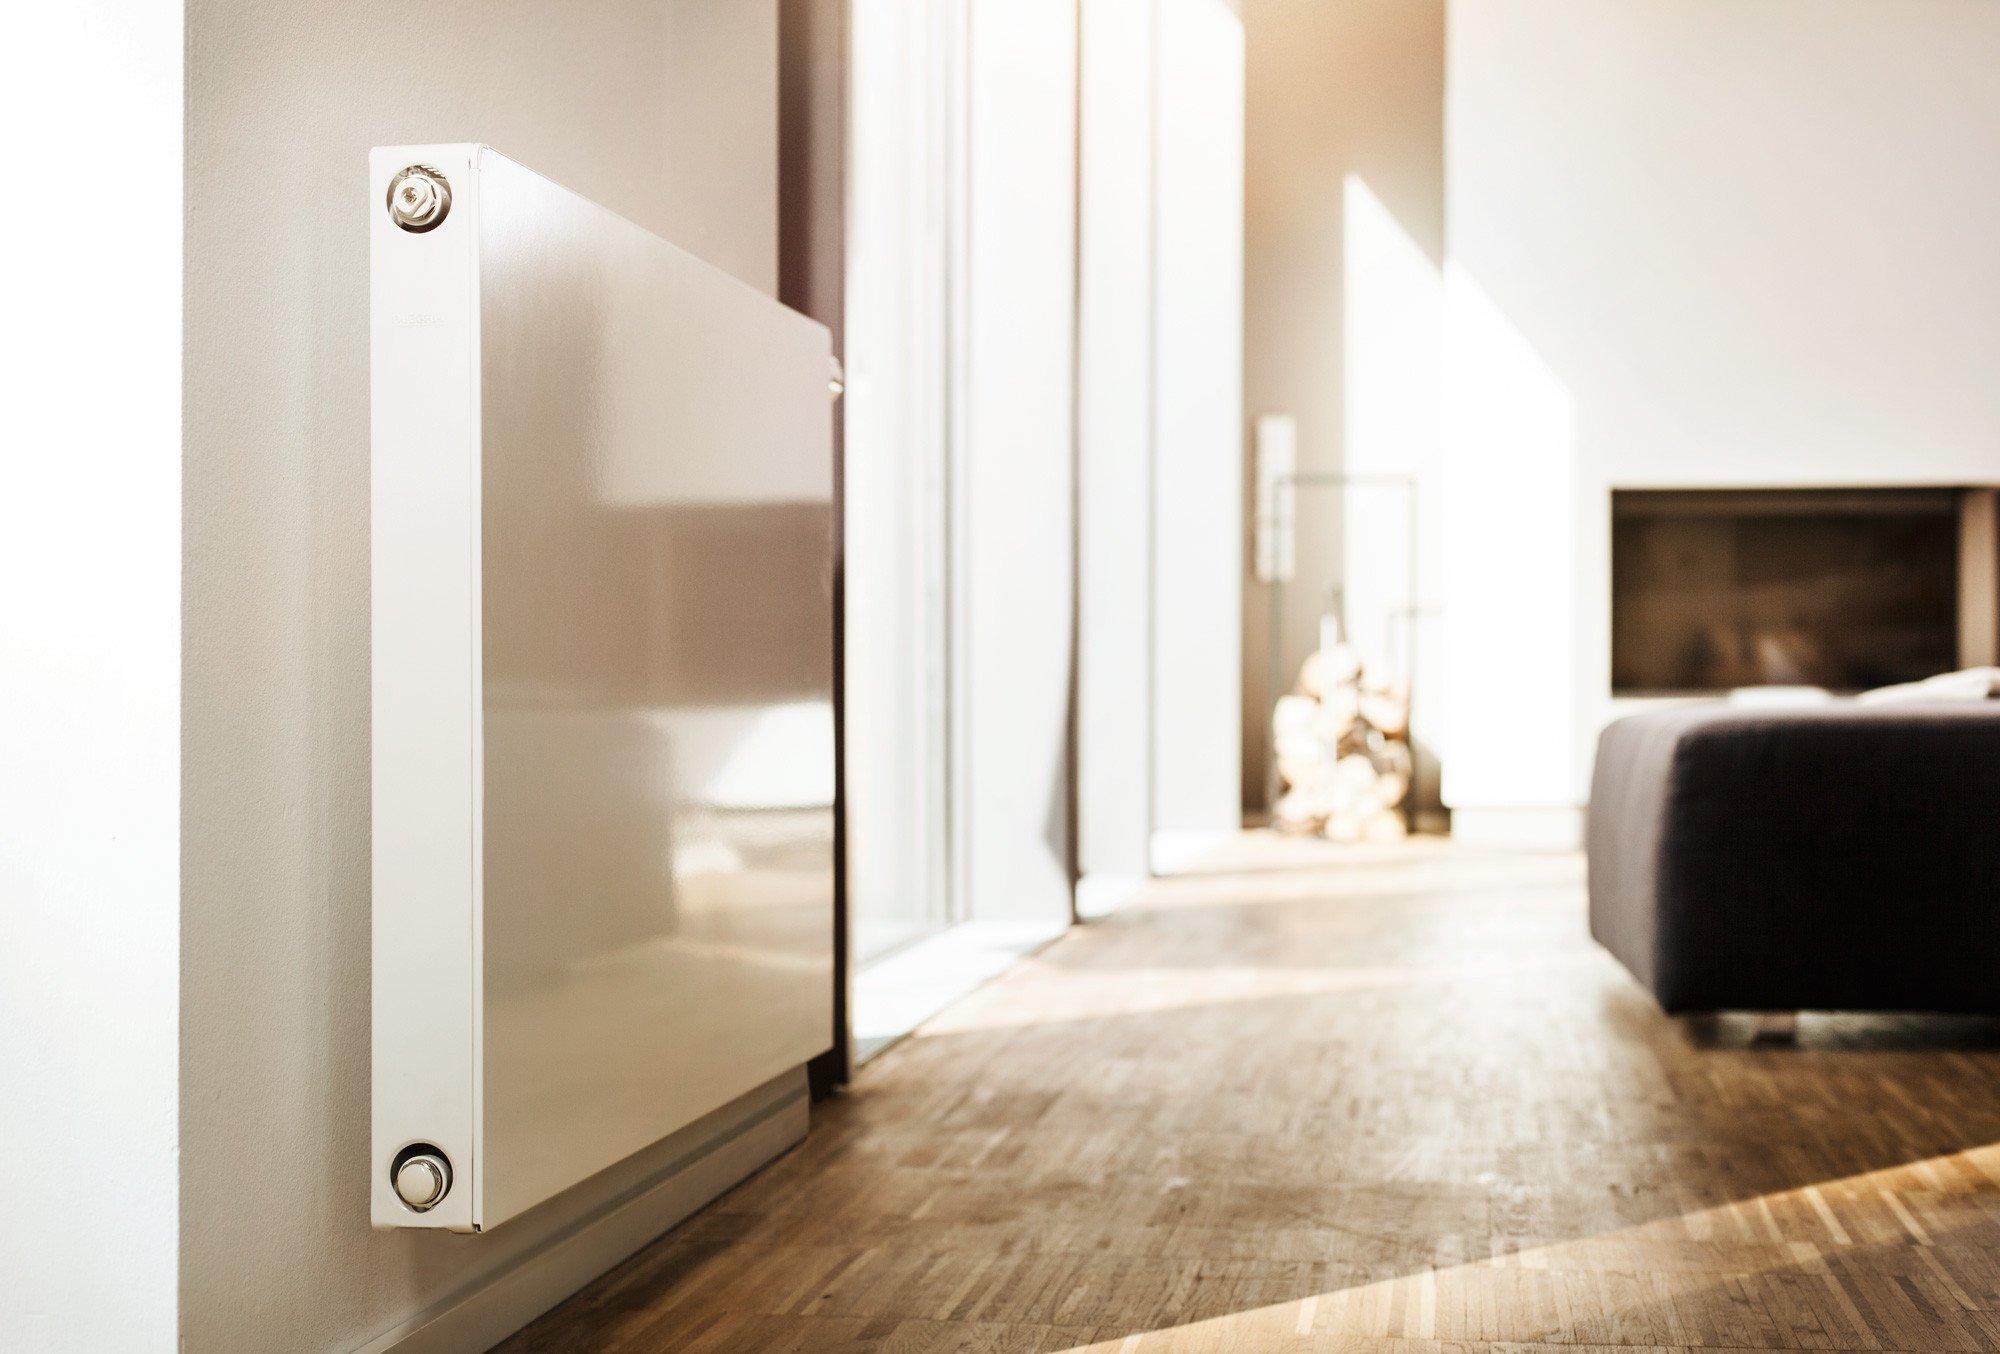 bersicht heizfl chen heizung heizfl chen baunetz wissen. Black Bedroom Furniture Sets. Home Design Ideas